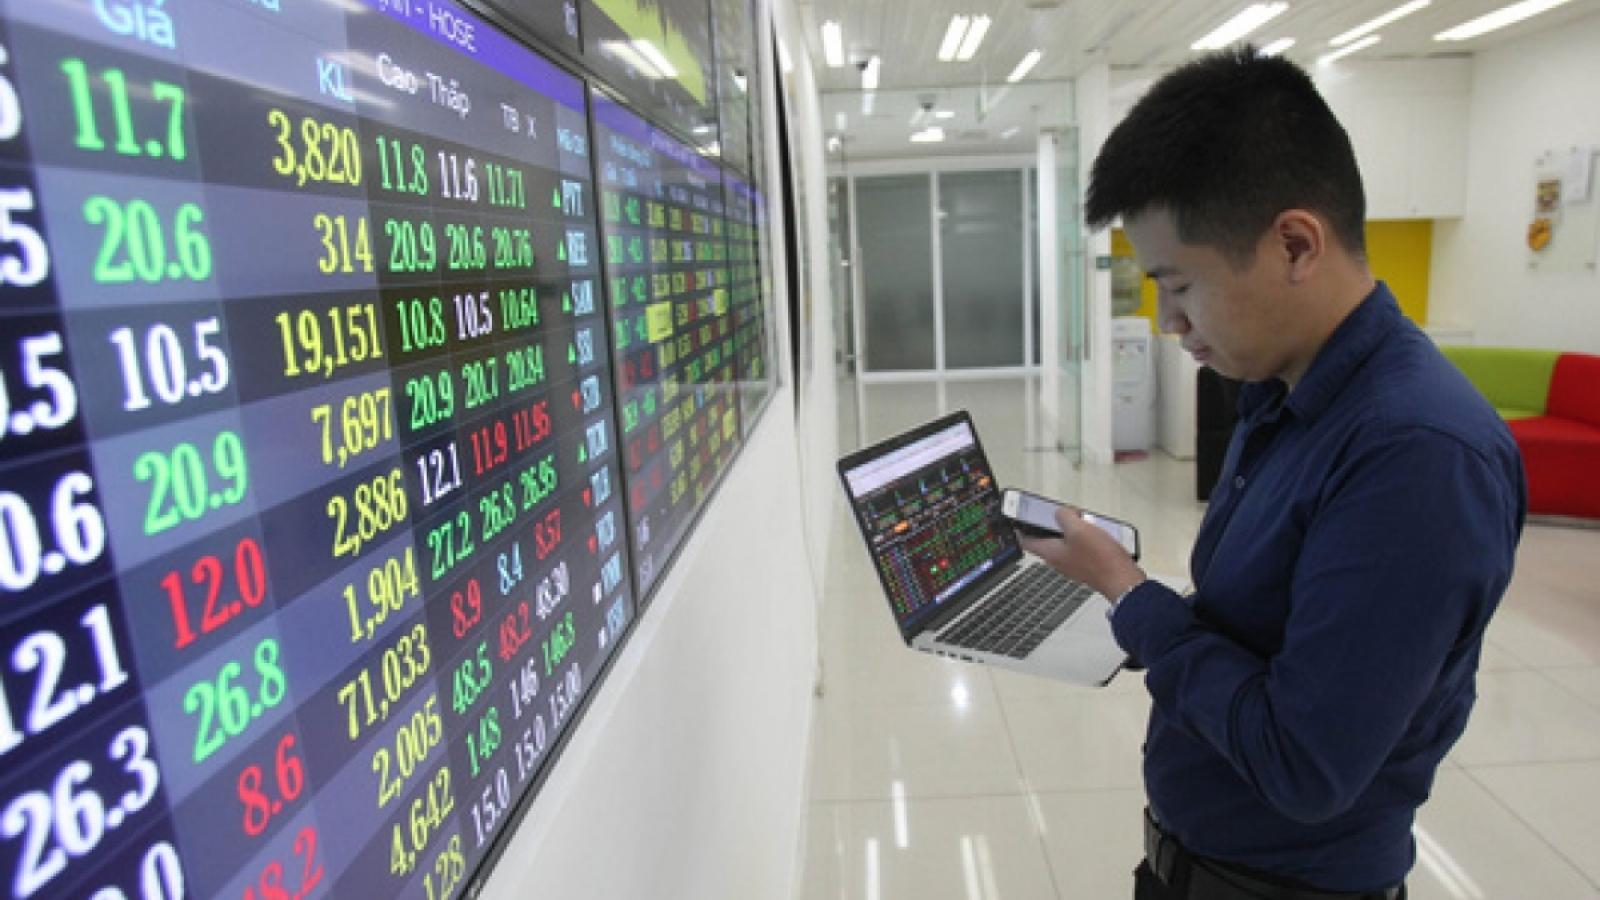 Thị trường chứng khoán khởi sắc, thu hút nhiều vốn đầu tư